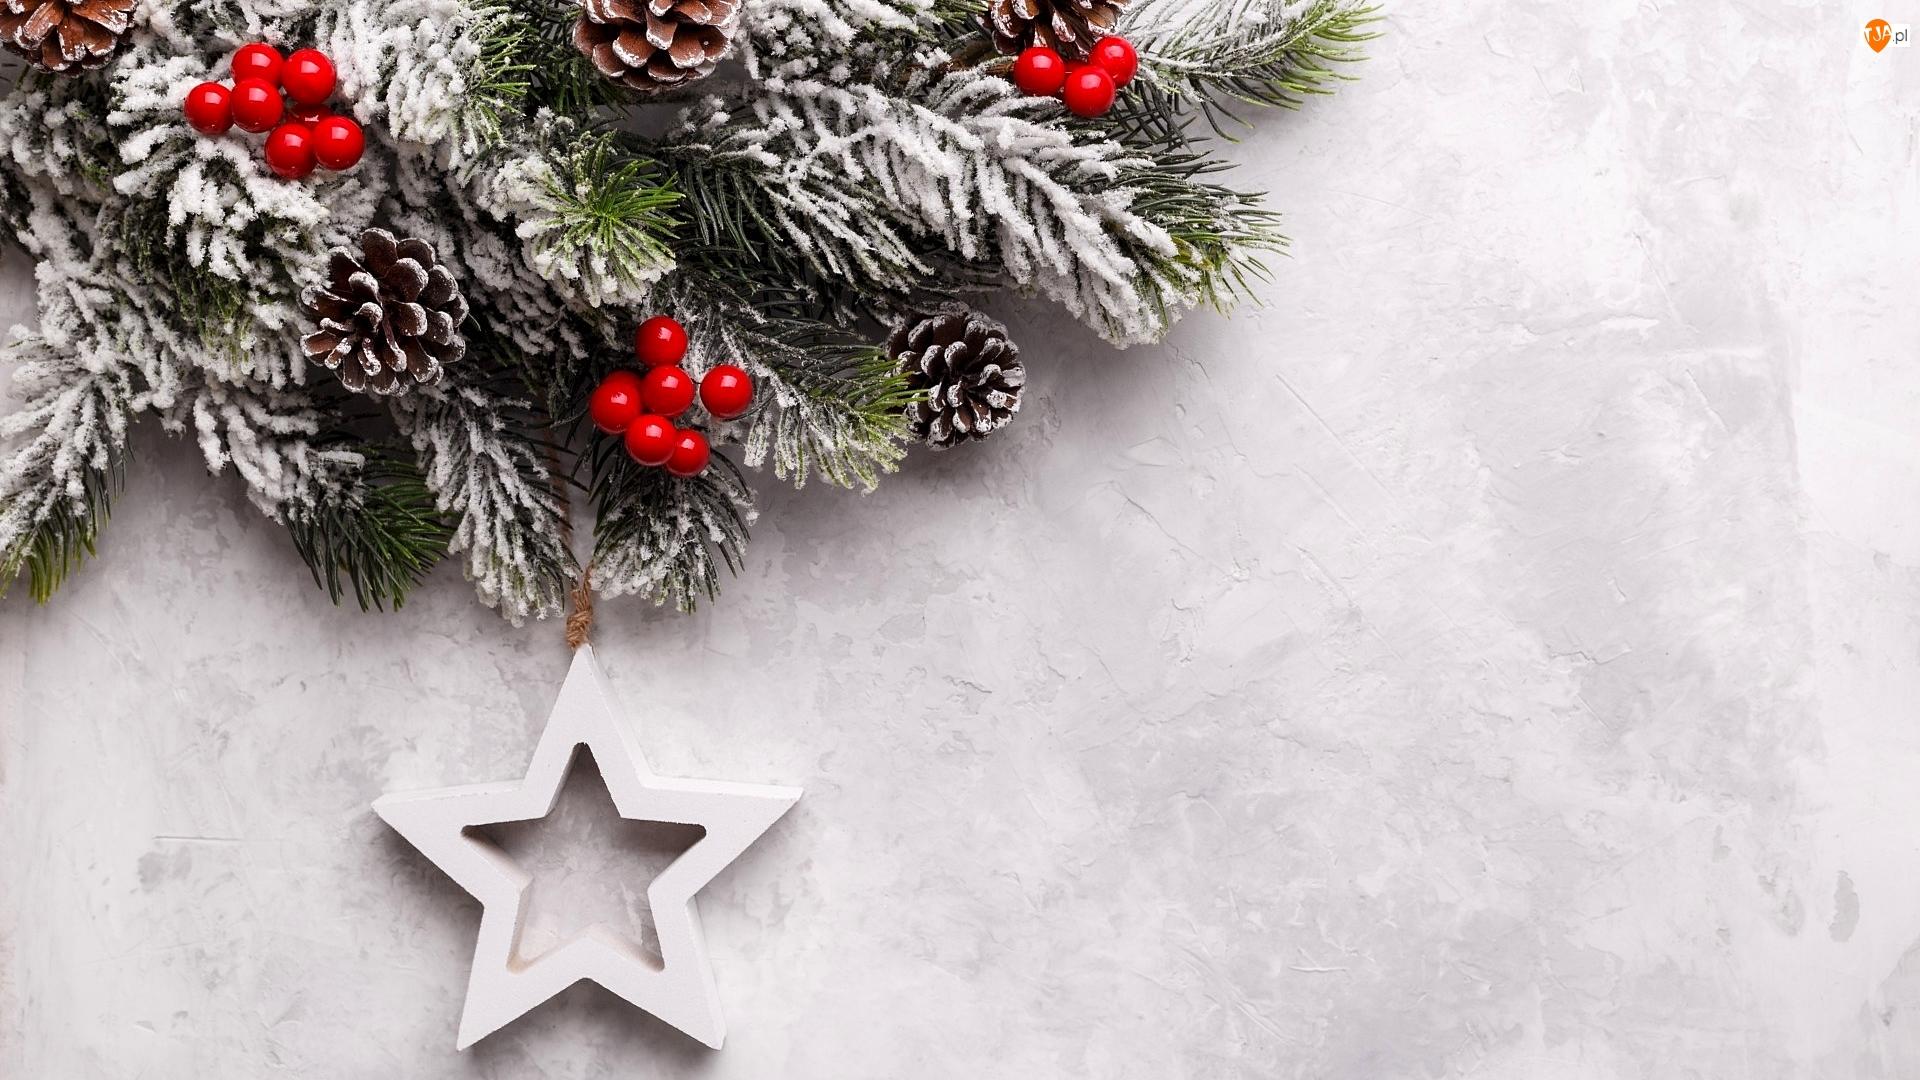 Świąteczne, Gałązki, Zawieszka, Ozdoby, Szyszki, Gwiazda, Boże Narodzenie, Jagody